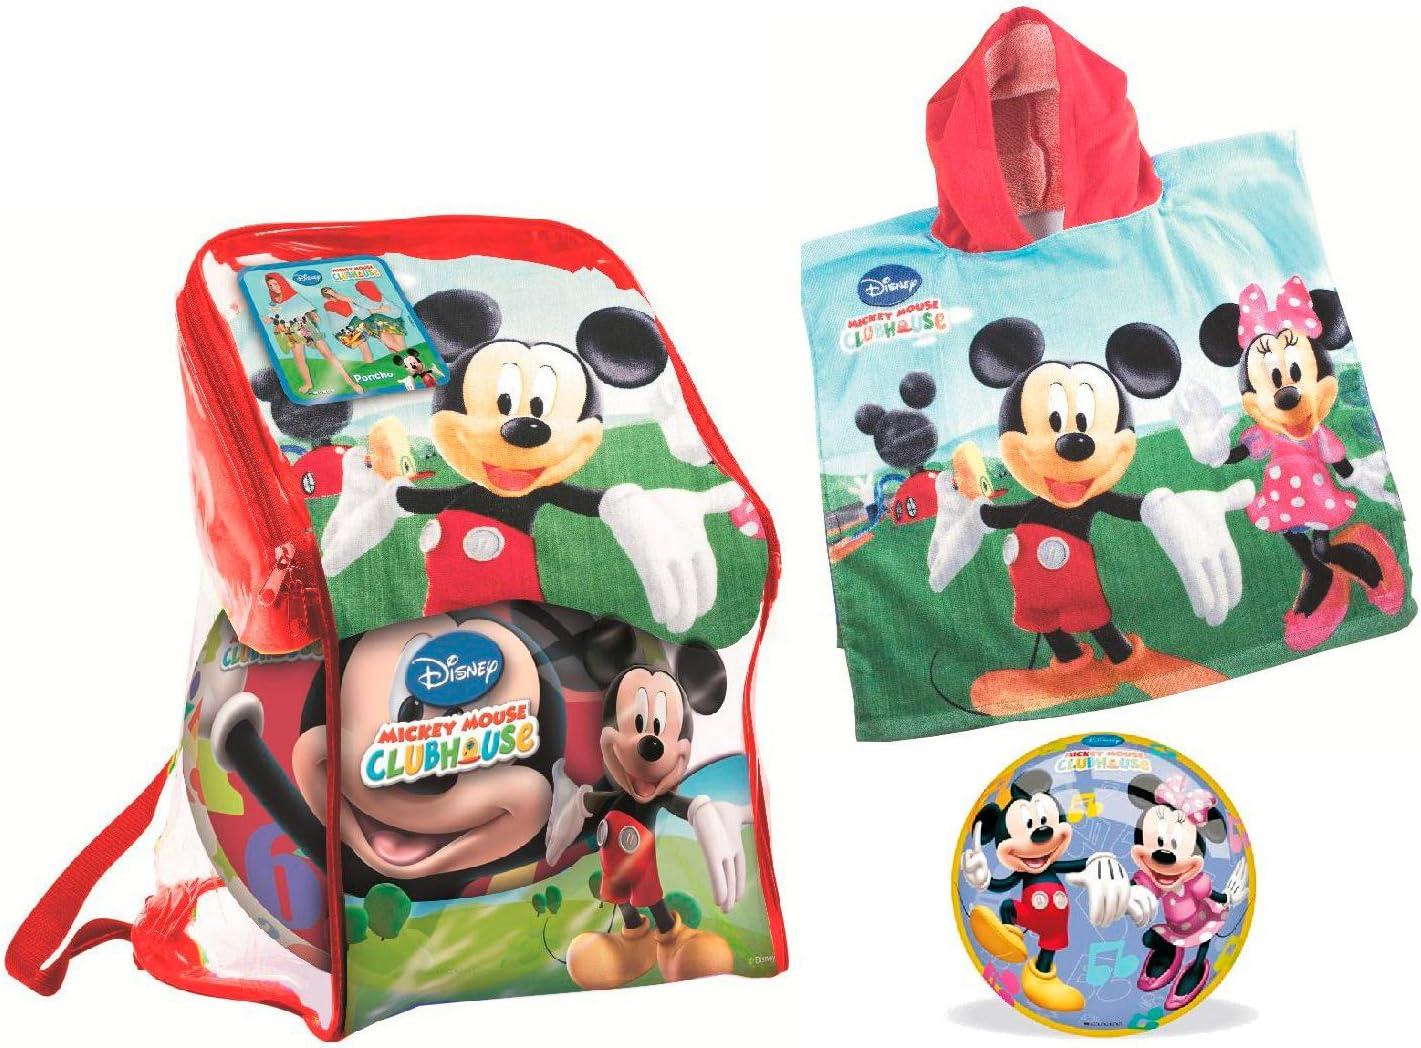 Mickey Mouse - Set de Playa con Mochila, Pelota y Poncho Toalla (Mondo 18517): Amazon.es: Juguetes y juegos